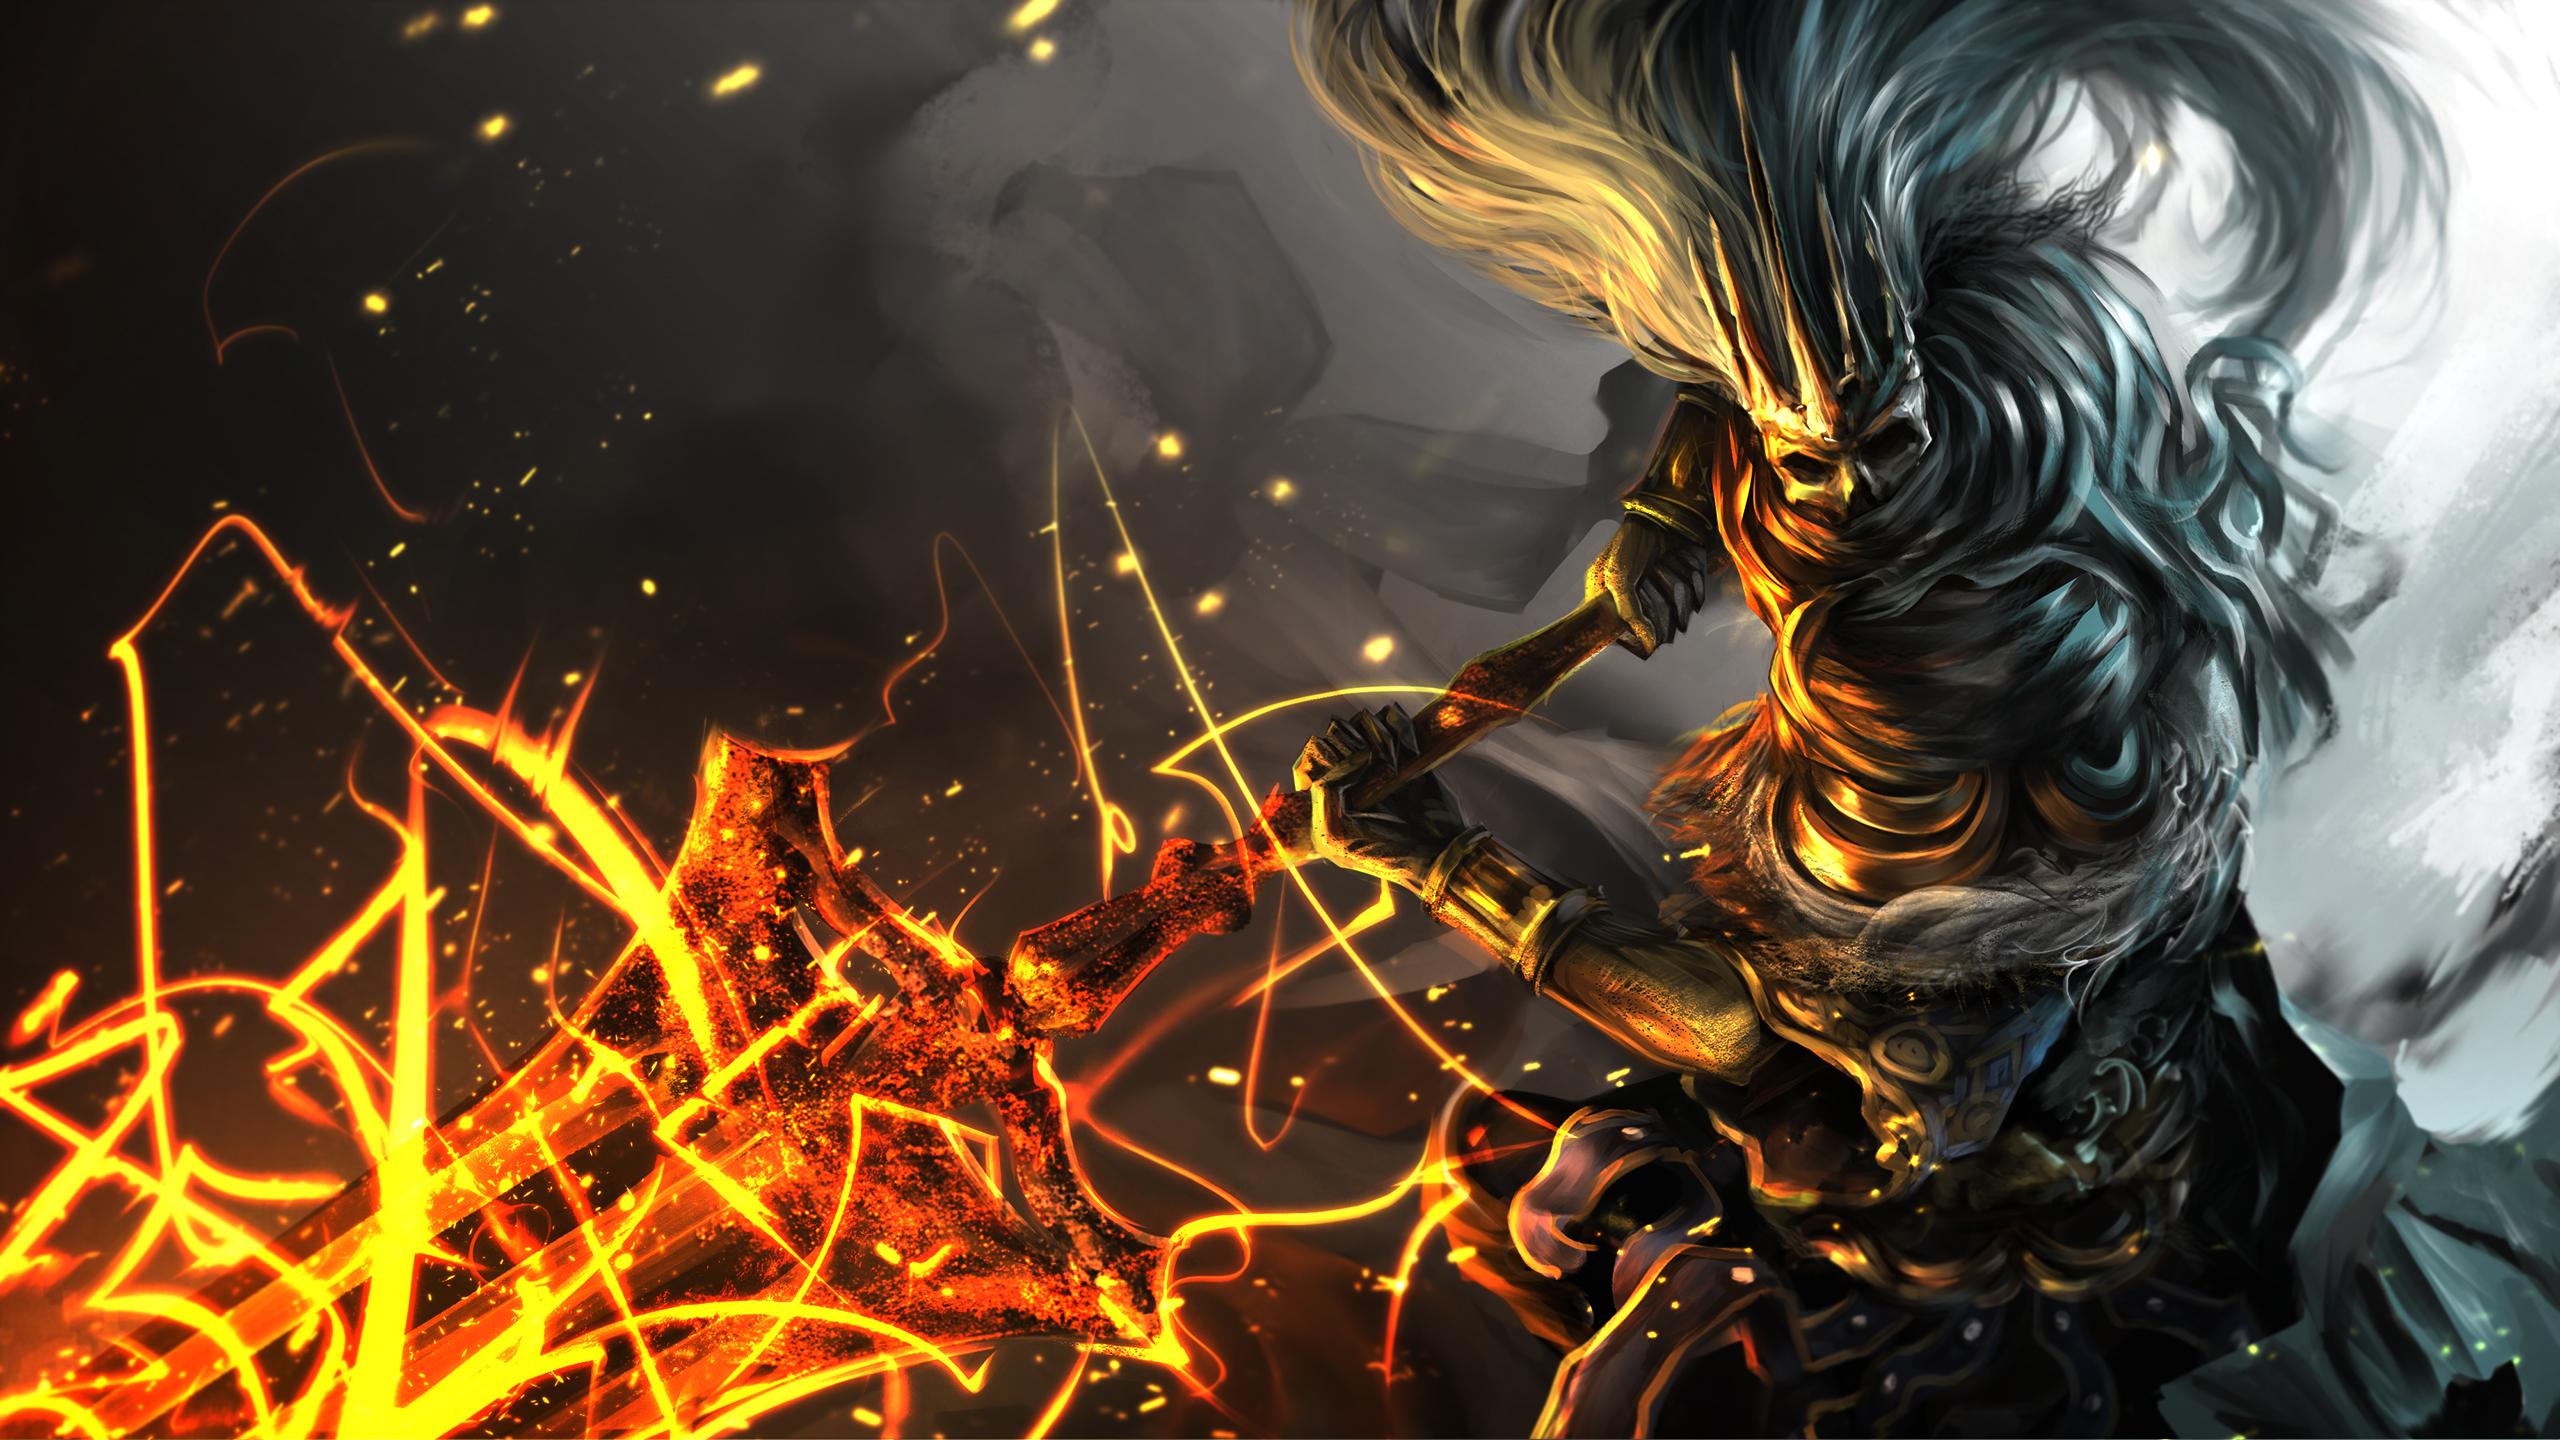 Desktop Wallpapers Dark Souls Swords Warriors Fanart 3 2560x1440